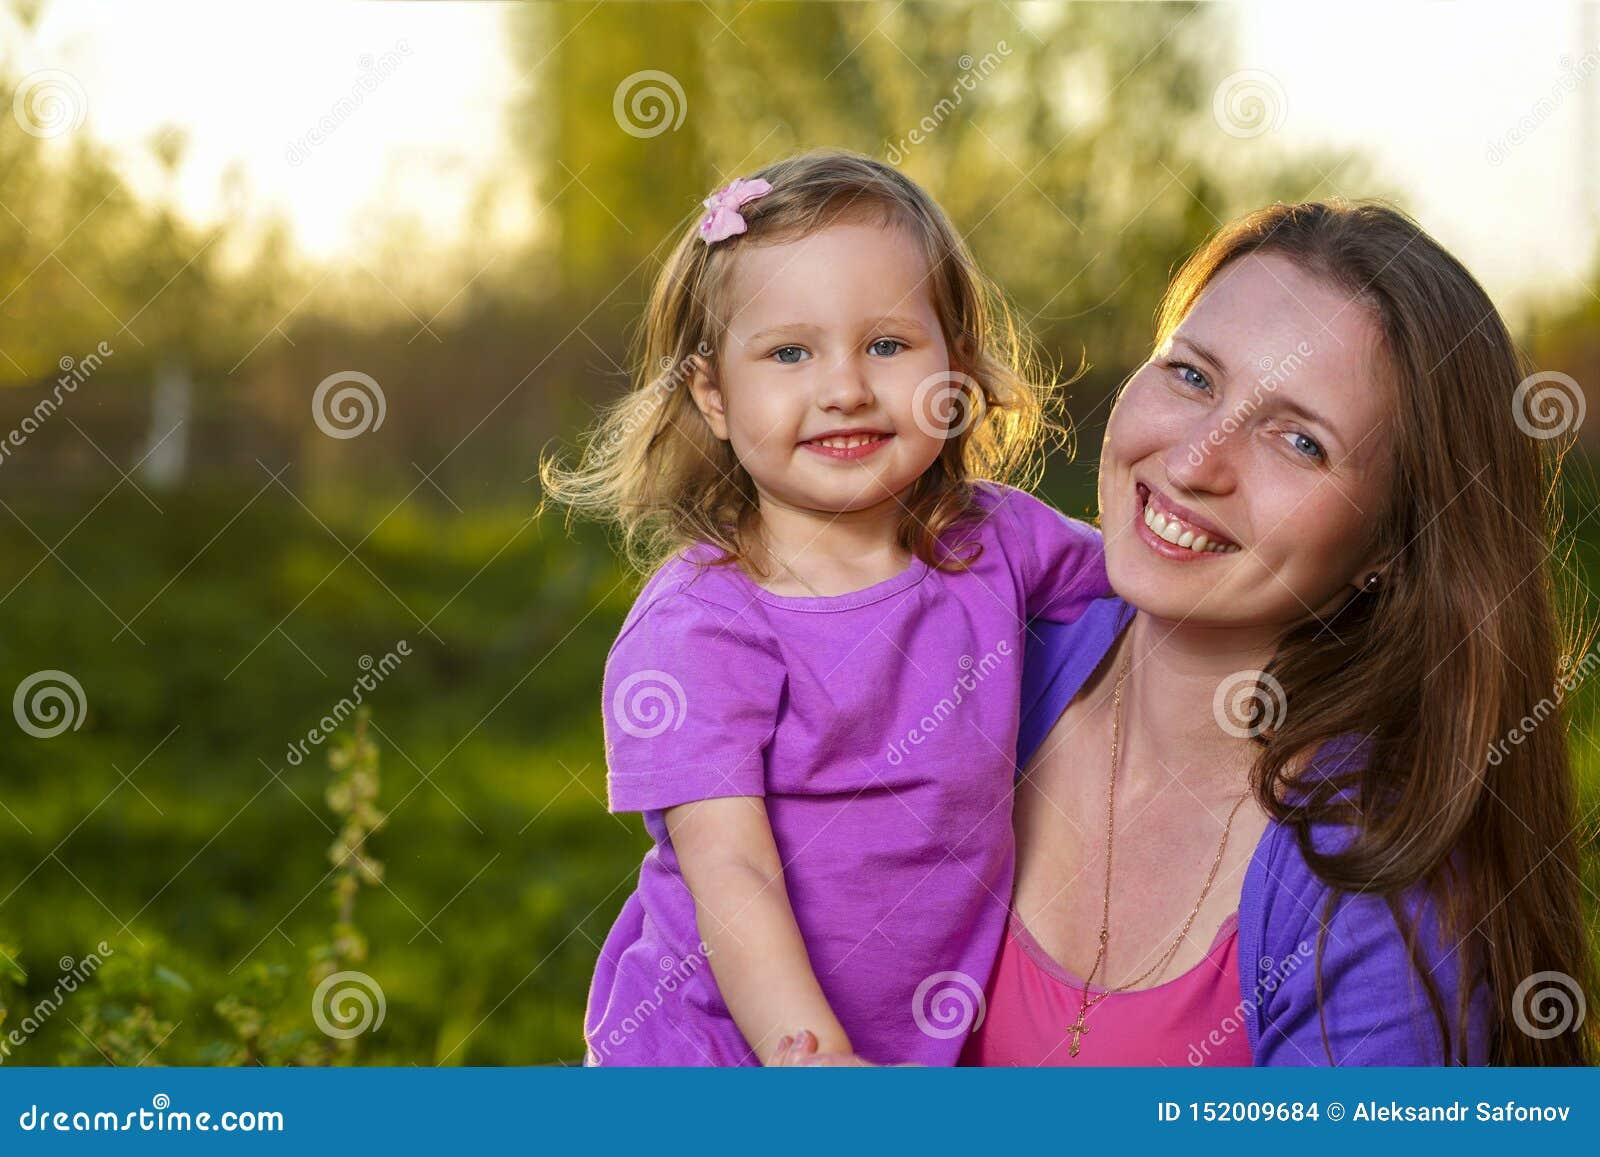 Retrato de la muchacha rubia atractiva y su de la madre que abrazan mirando la cámara y sonriendo al aire libre